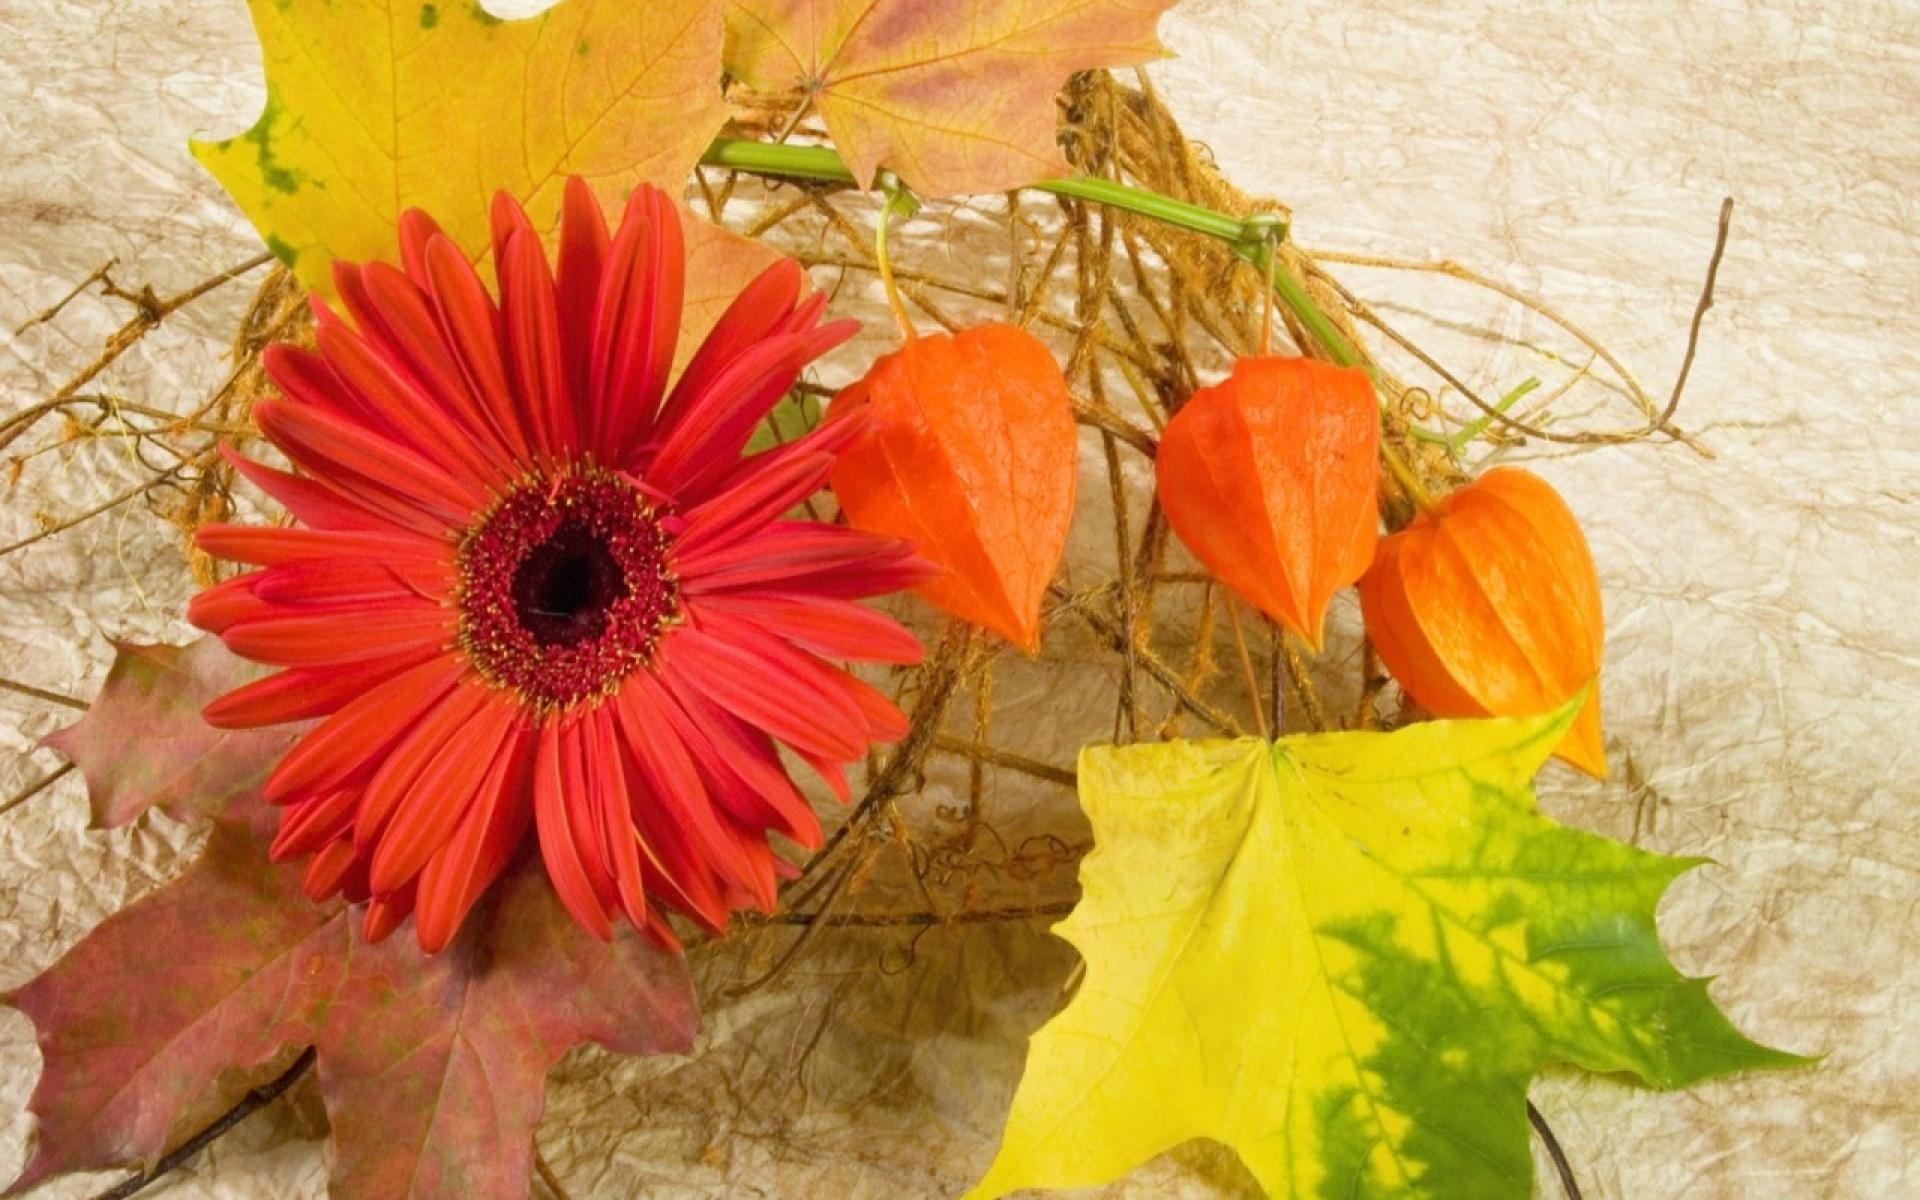 Картинки Гербера, филалис, листья, клен, осень, композиция фото и обои на рабочий стол